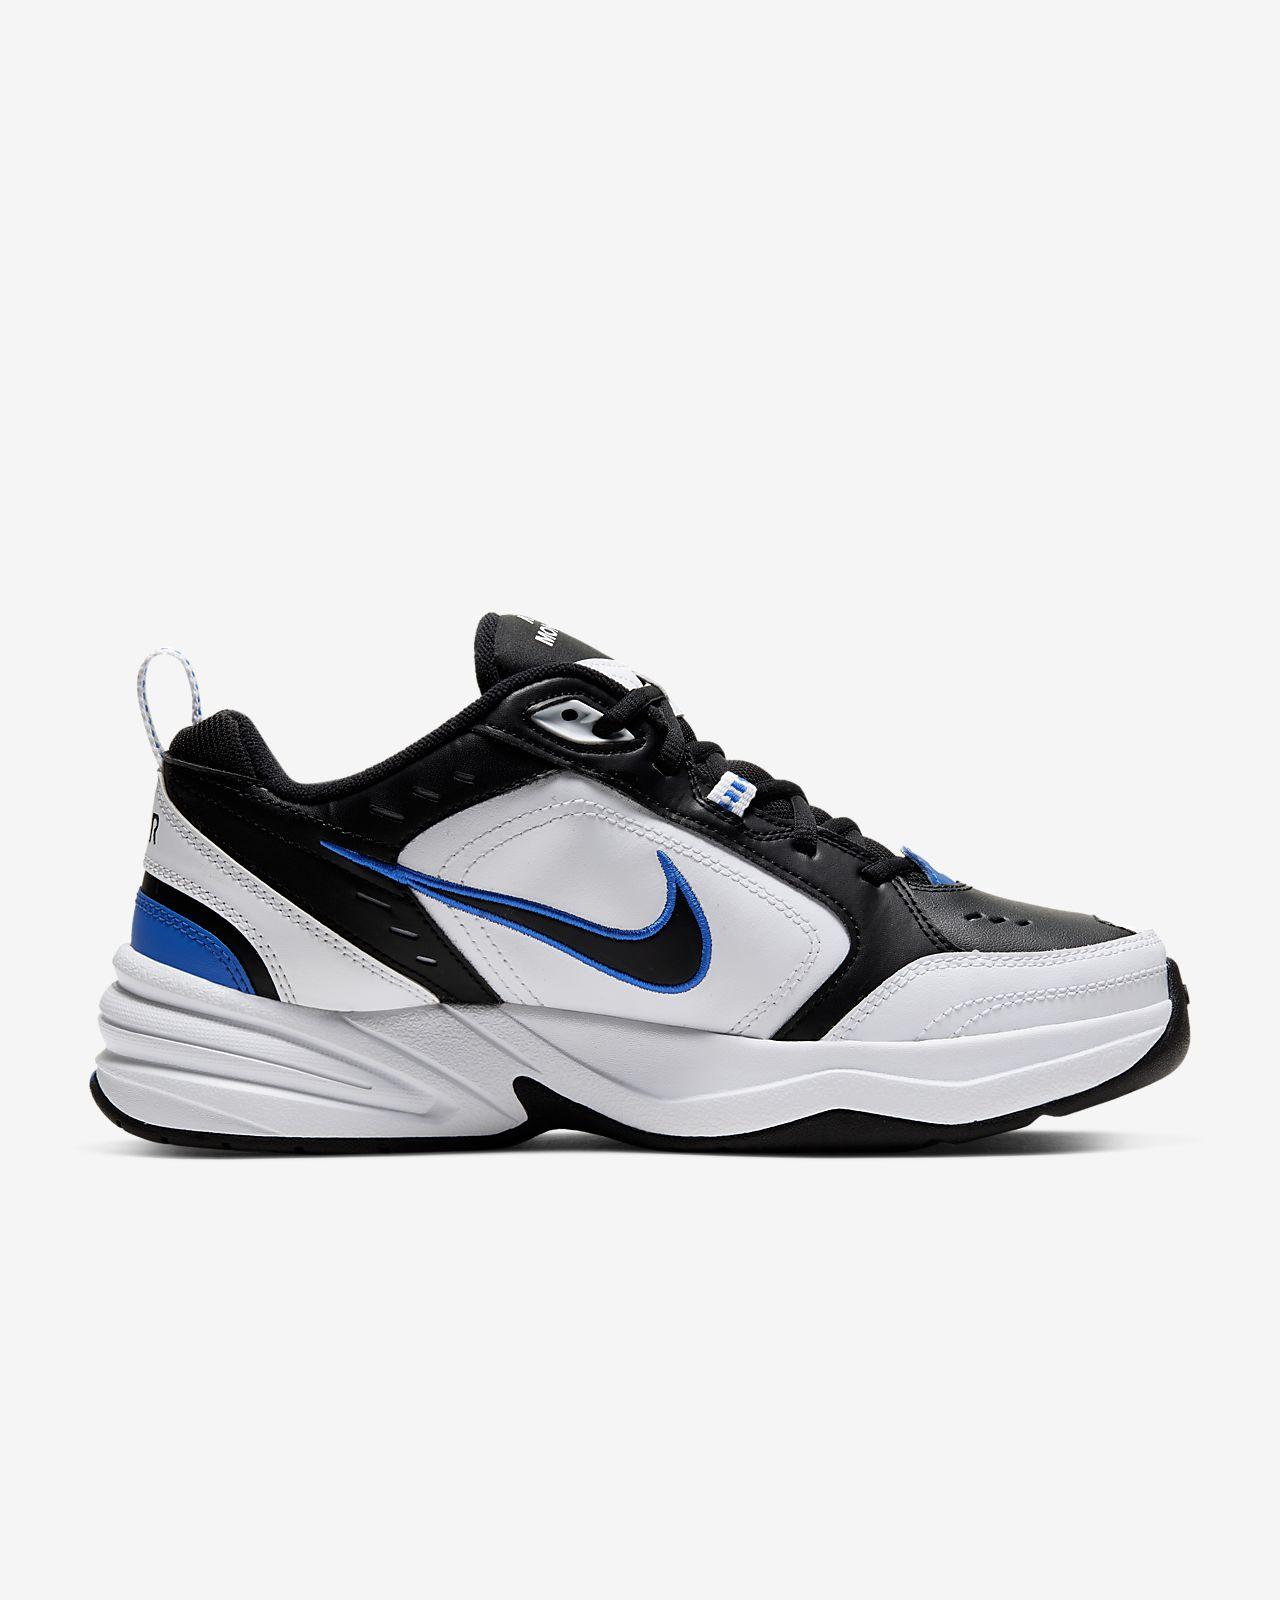 Nike Air Max Triax 96 White & Varsity Blue | END.